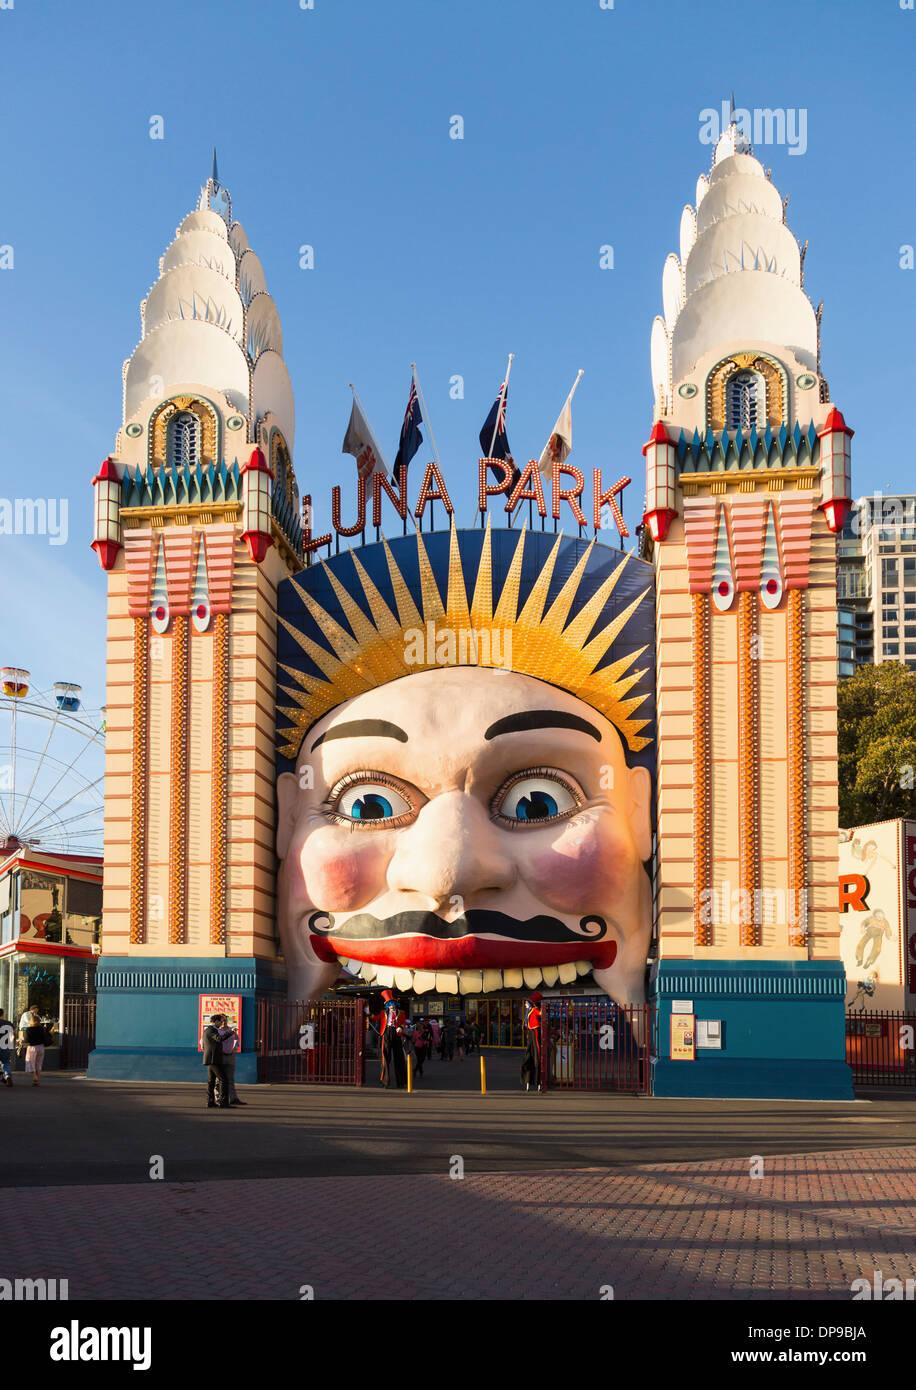 Luna Park, centro de diversiones en la orilla norte del puerto de Sydney, Australia Imagen De Stock